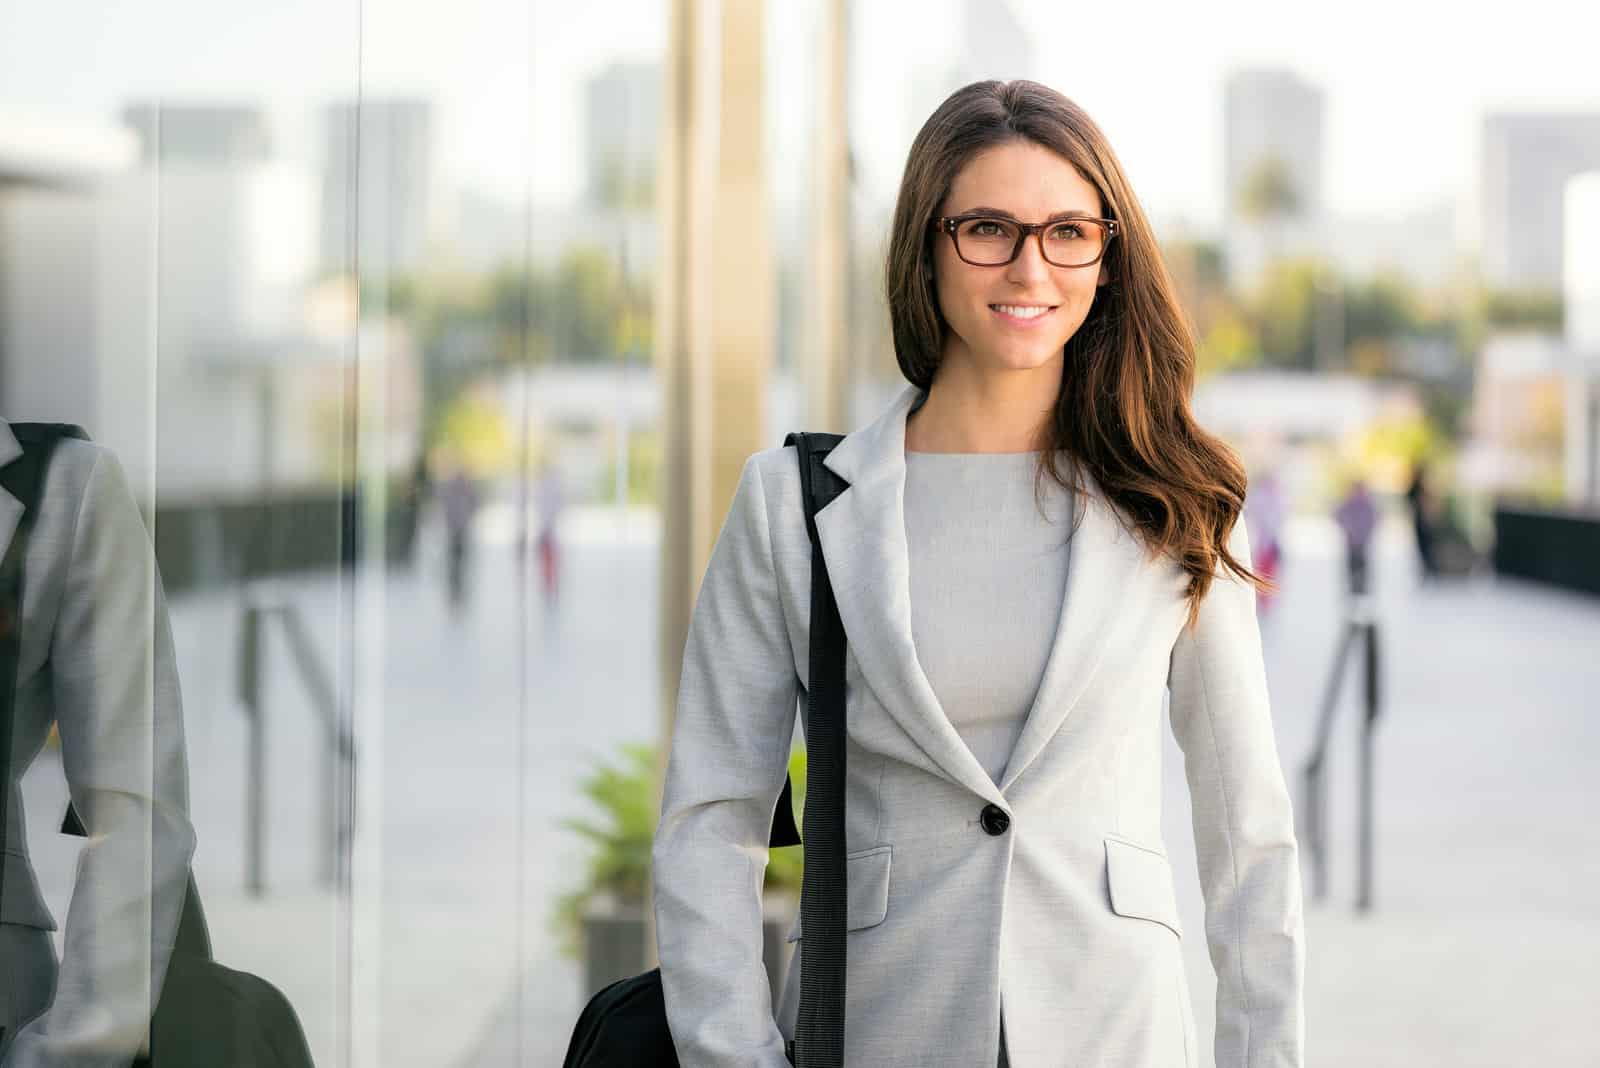 Une femme aux longs cheveux bruns avec un manteau gris marche dans la rue